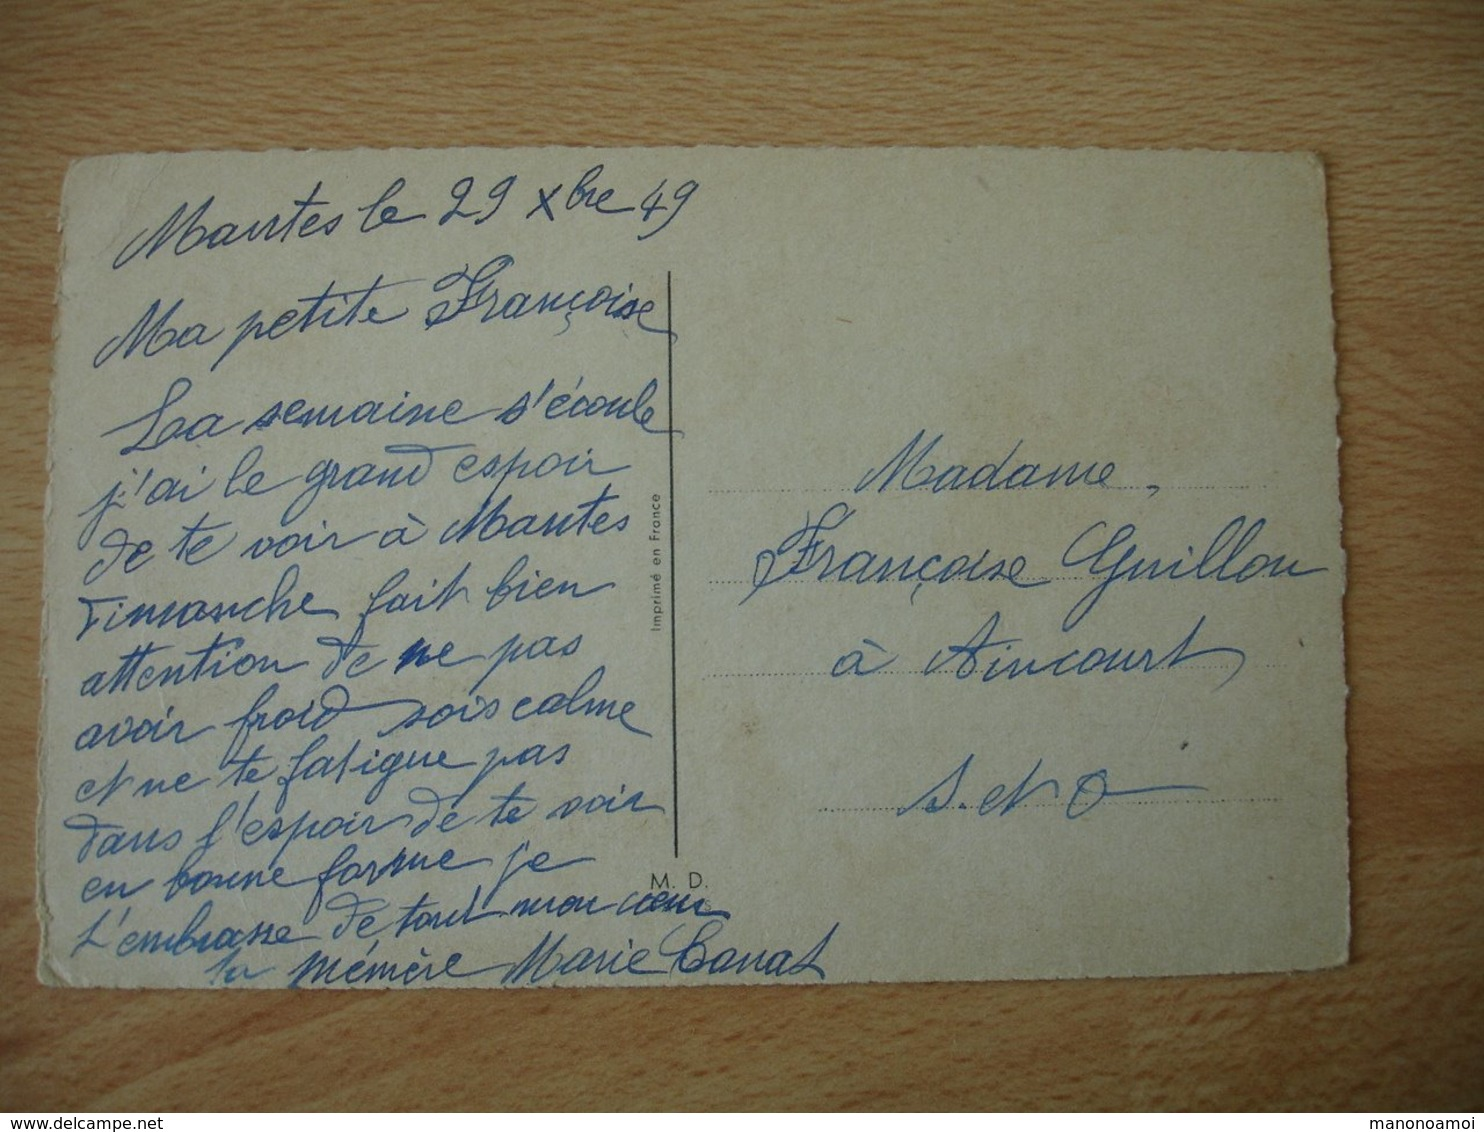 Germaine Bouret Illustrateur J Arrive Un Peu Tot Pour Presenter Mes Voeux 1949 Edi M D - Bouret, Germaine